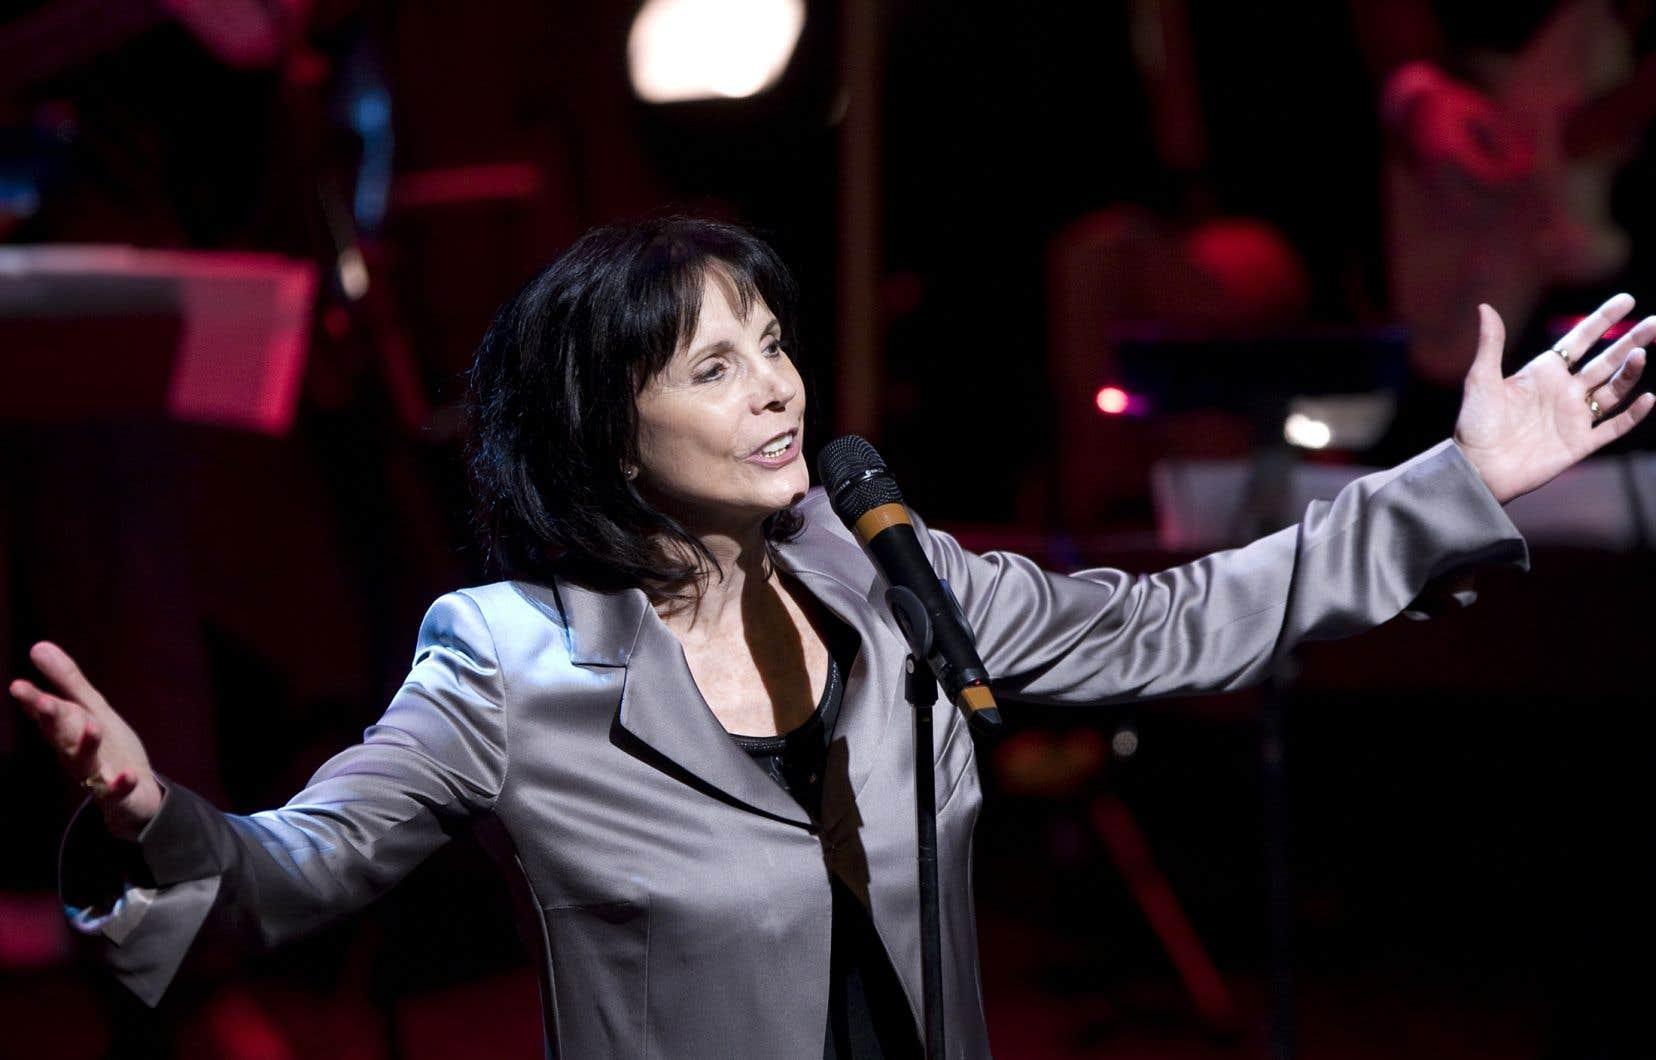 La chanteuse Renée Claude lors d'un spectacle au Metropolis à Montréal en novembre 2010